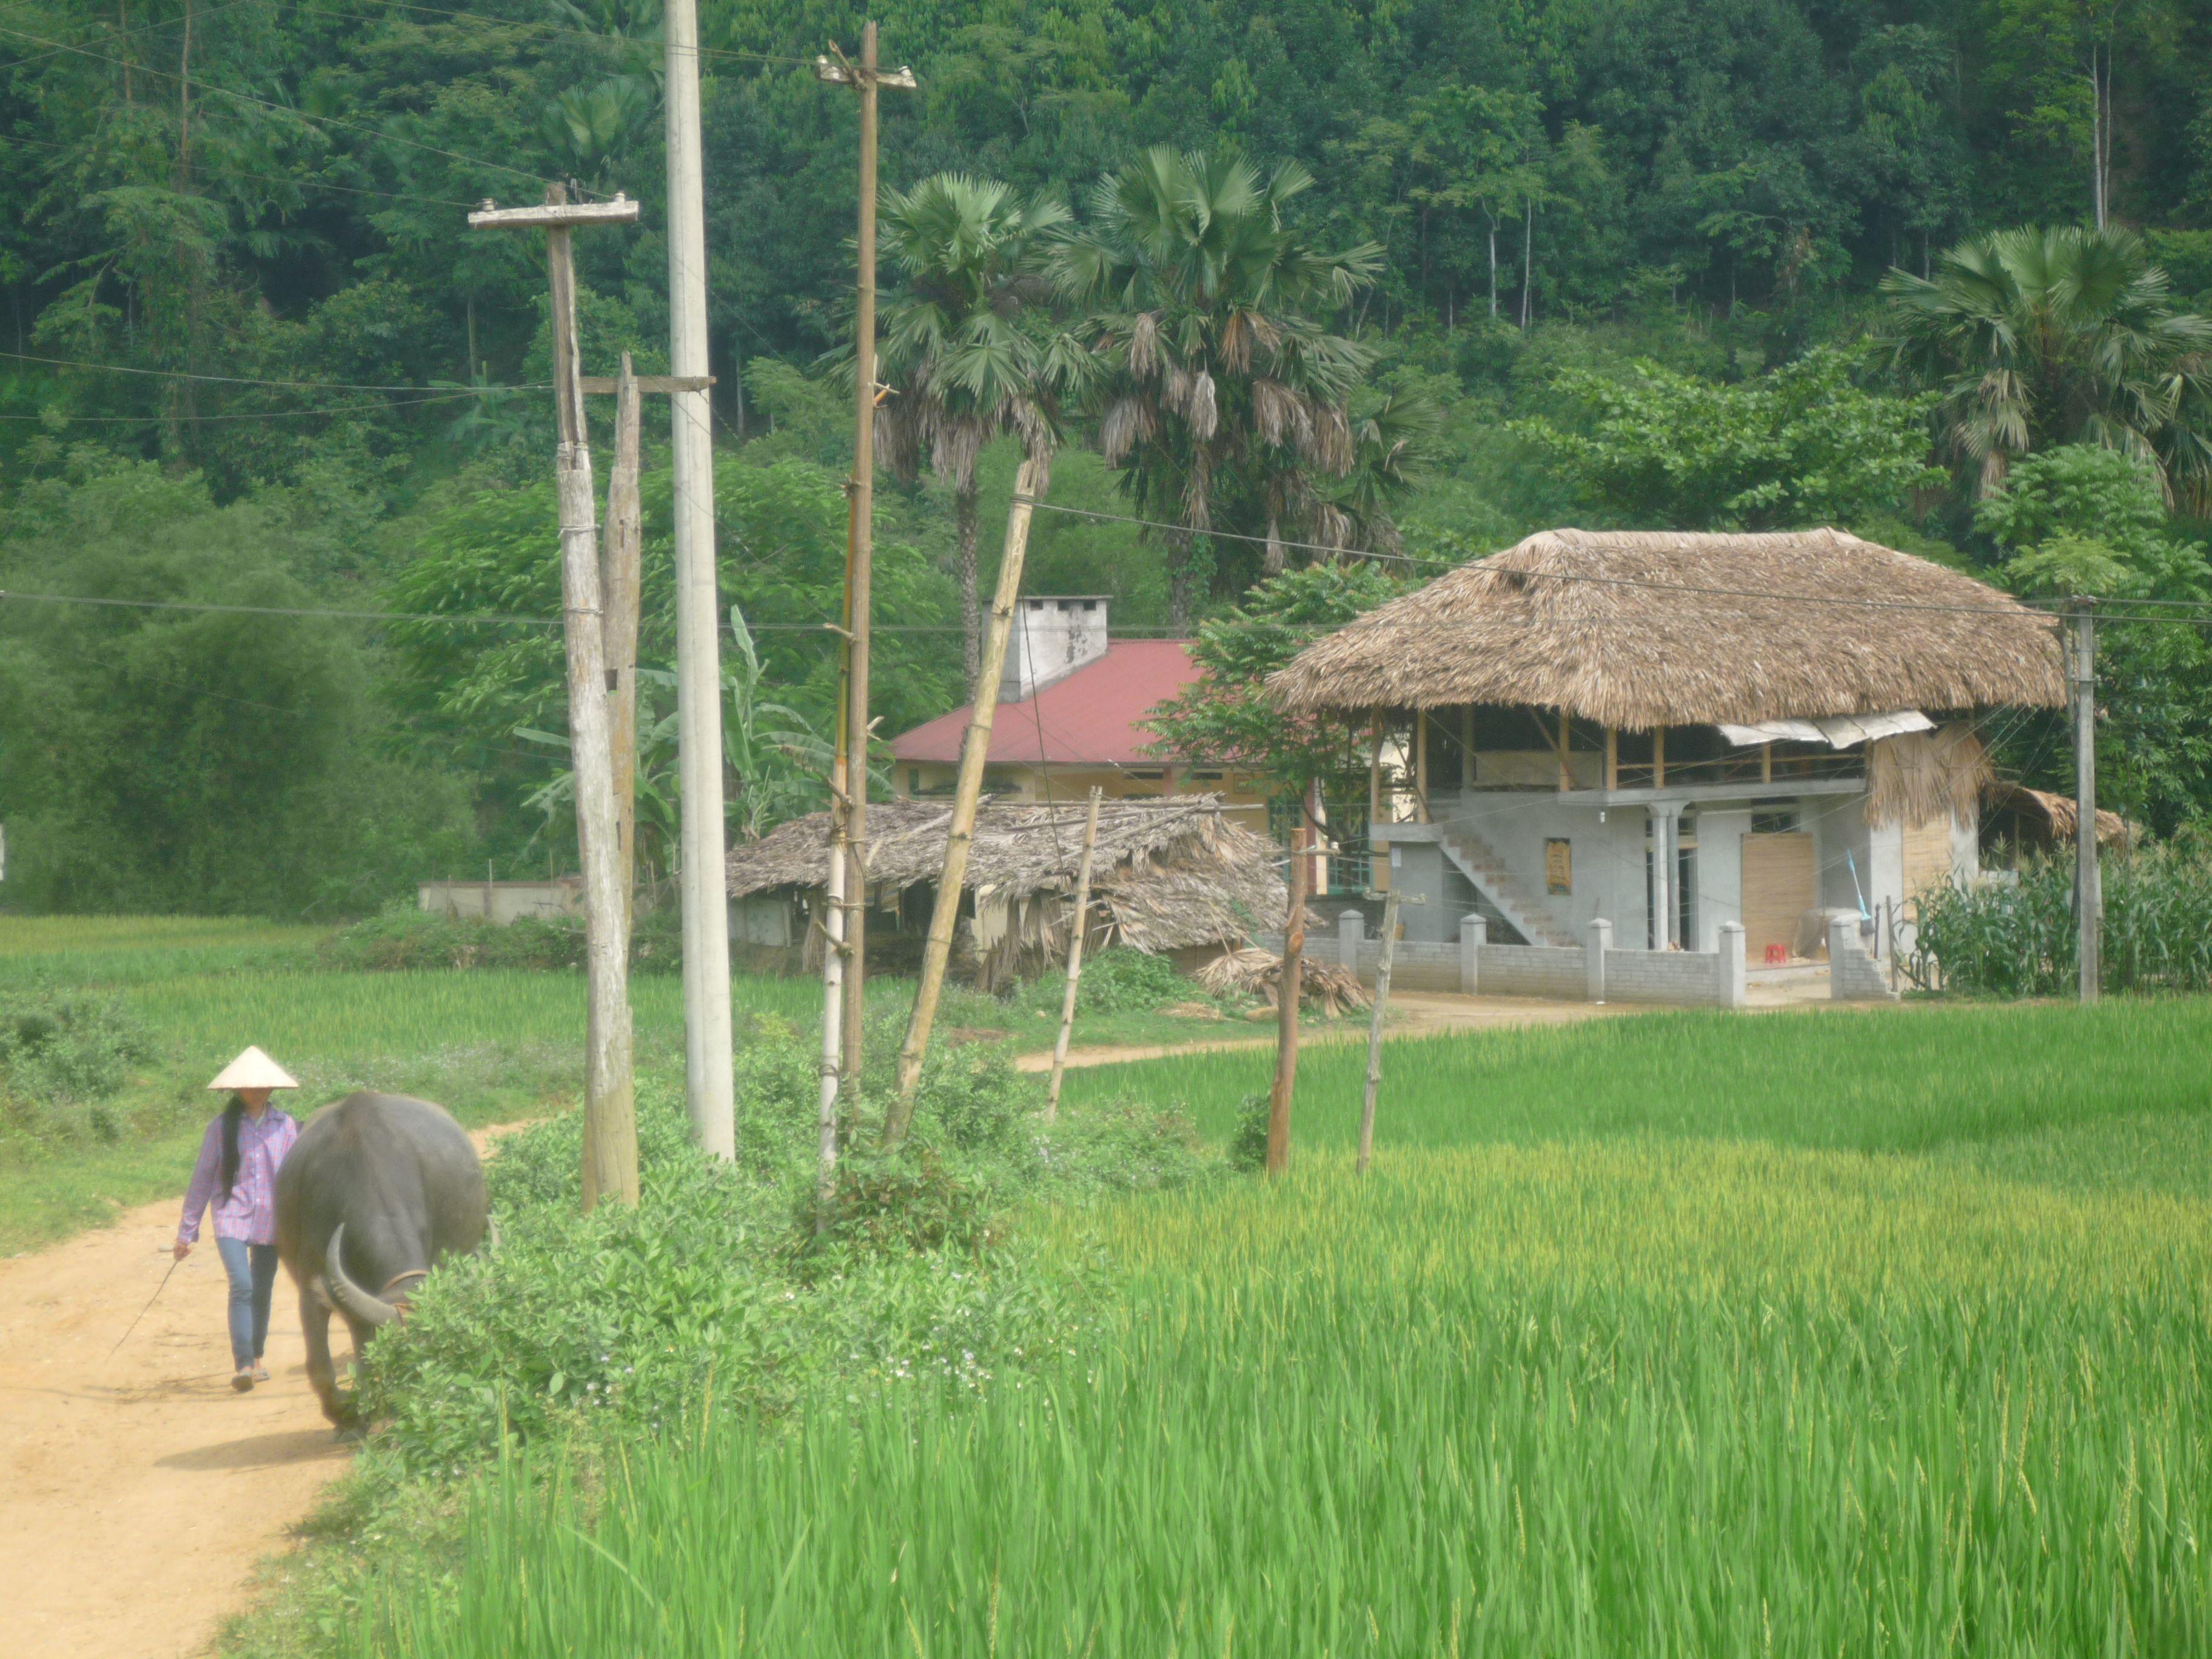 Вьетнамка и буйвол